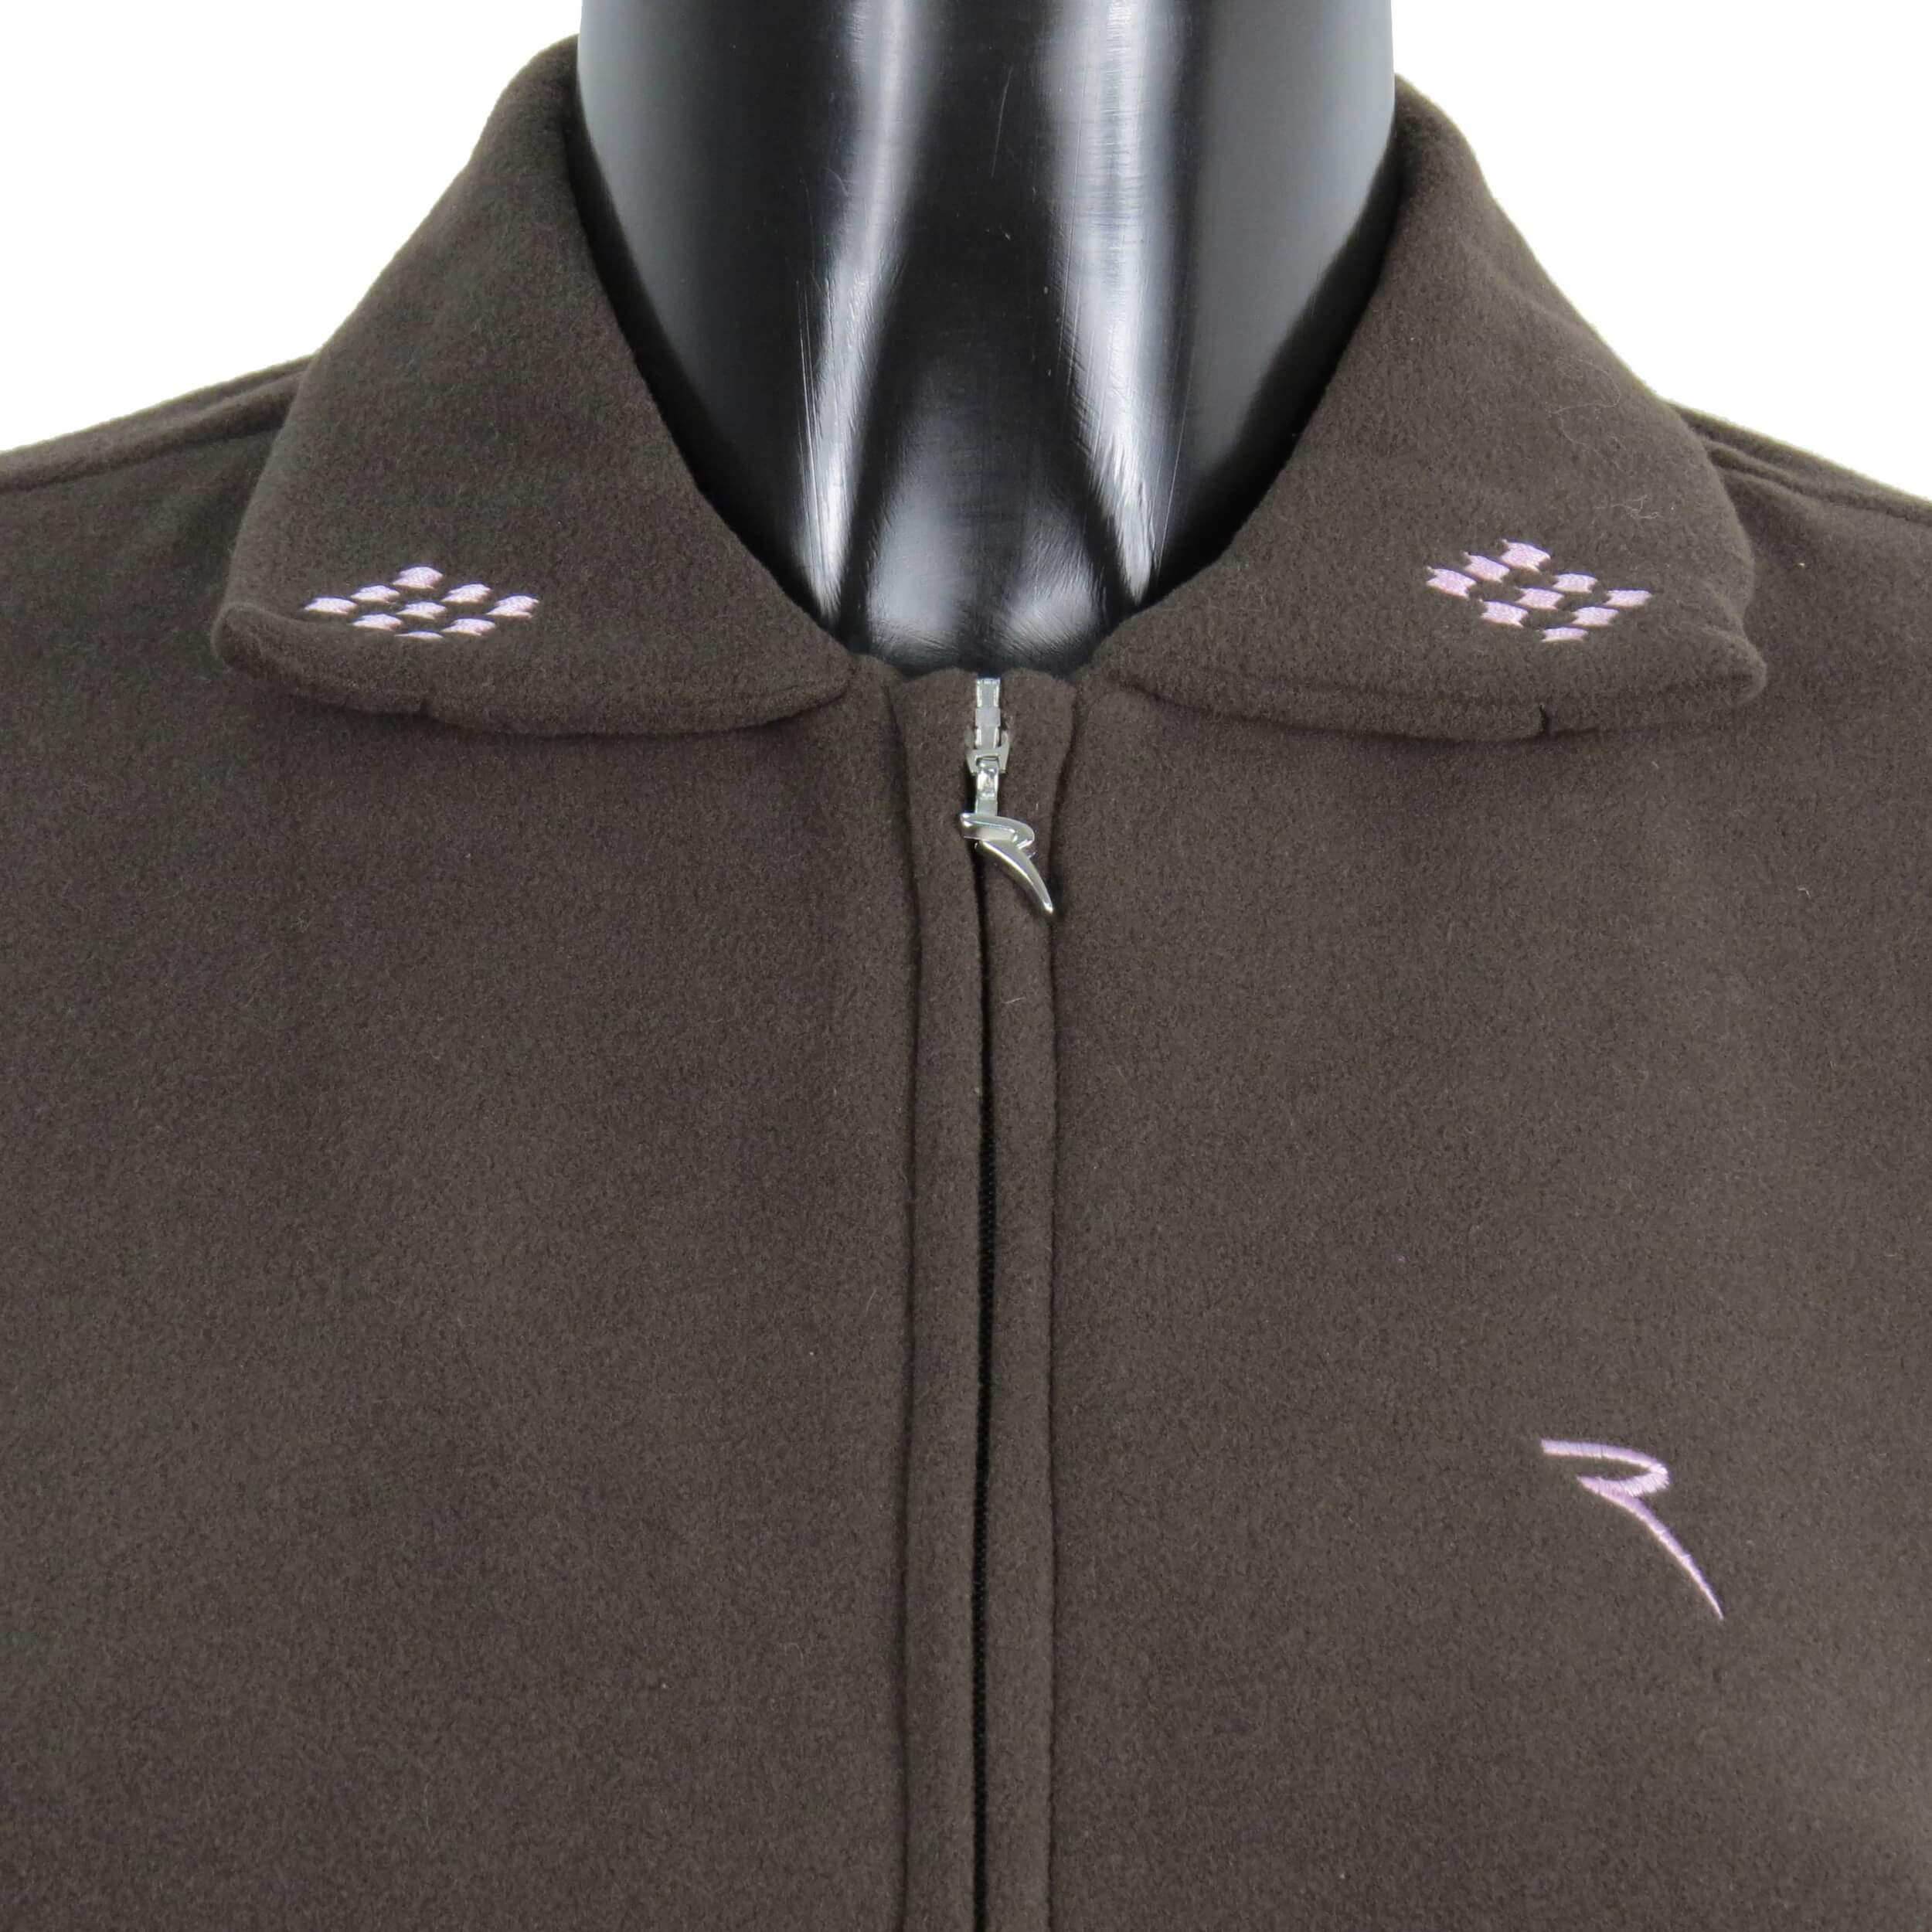 Chervo Polo Golfpolo lang Arm Afanesso 484 braun Gr. 36